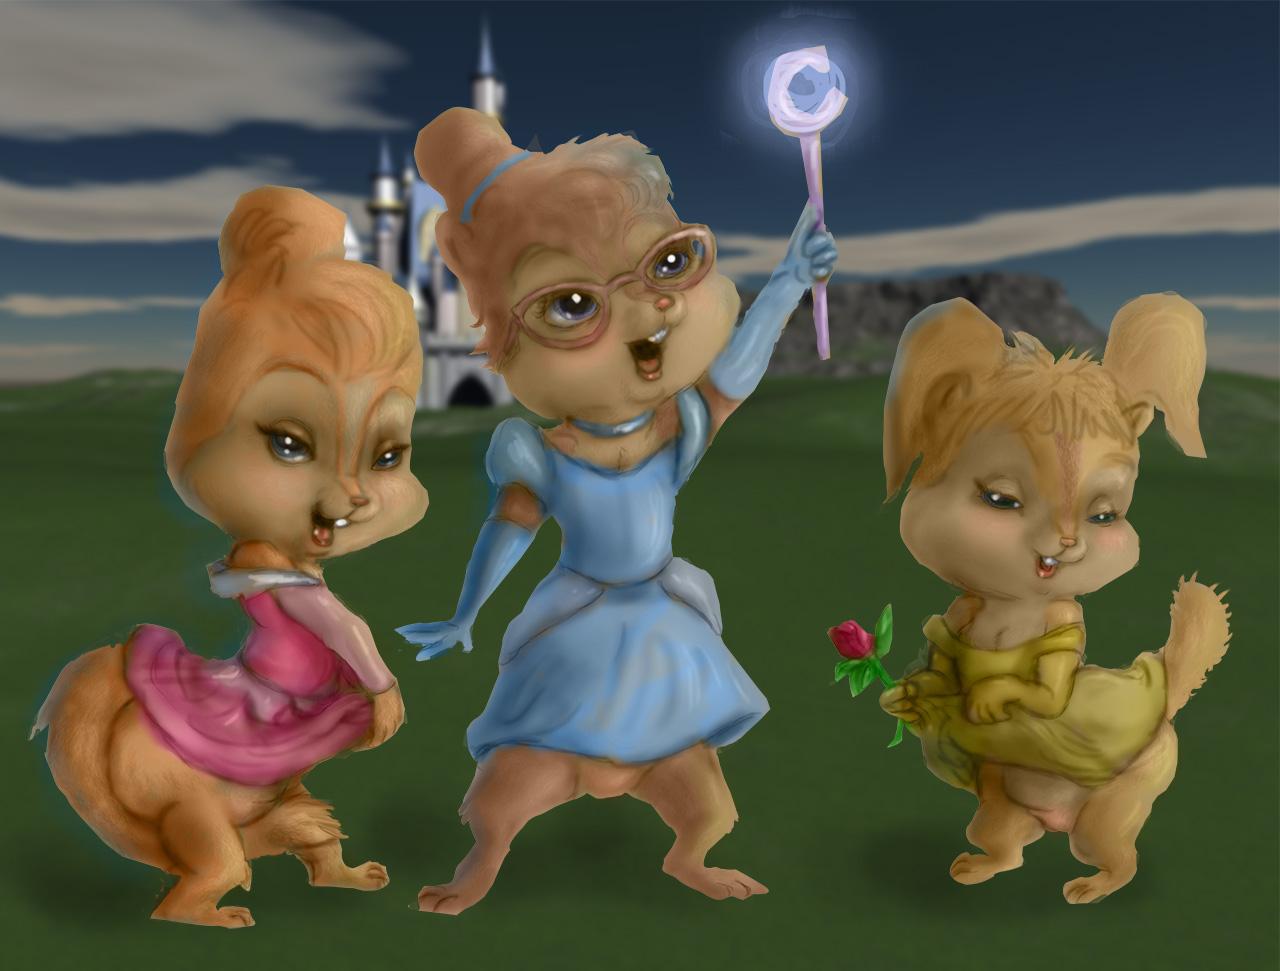 Chipette Princesses By ElFunnimal On DeviantArt